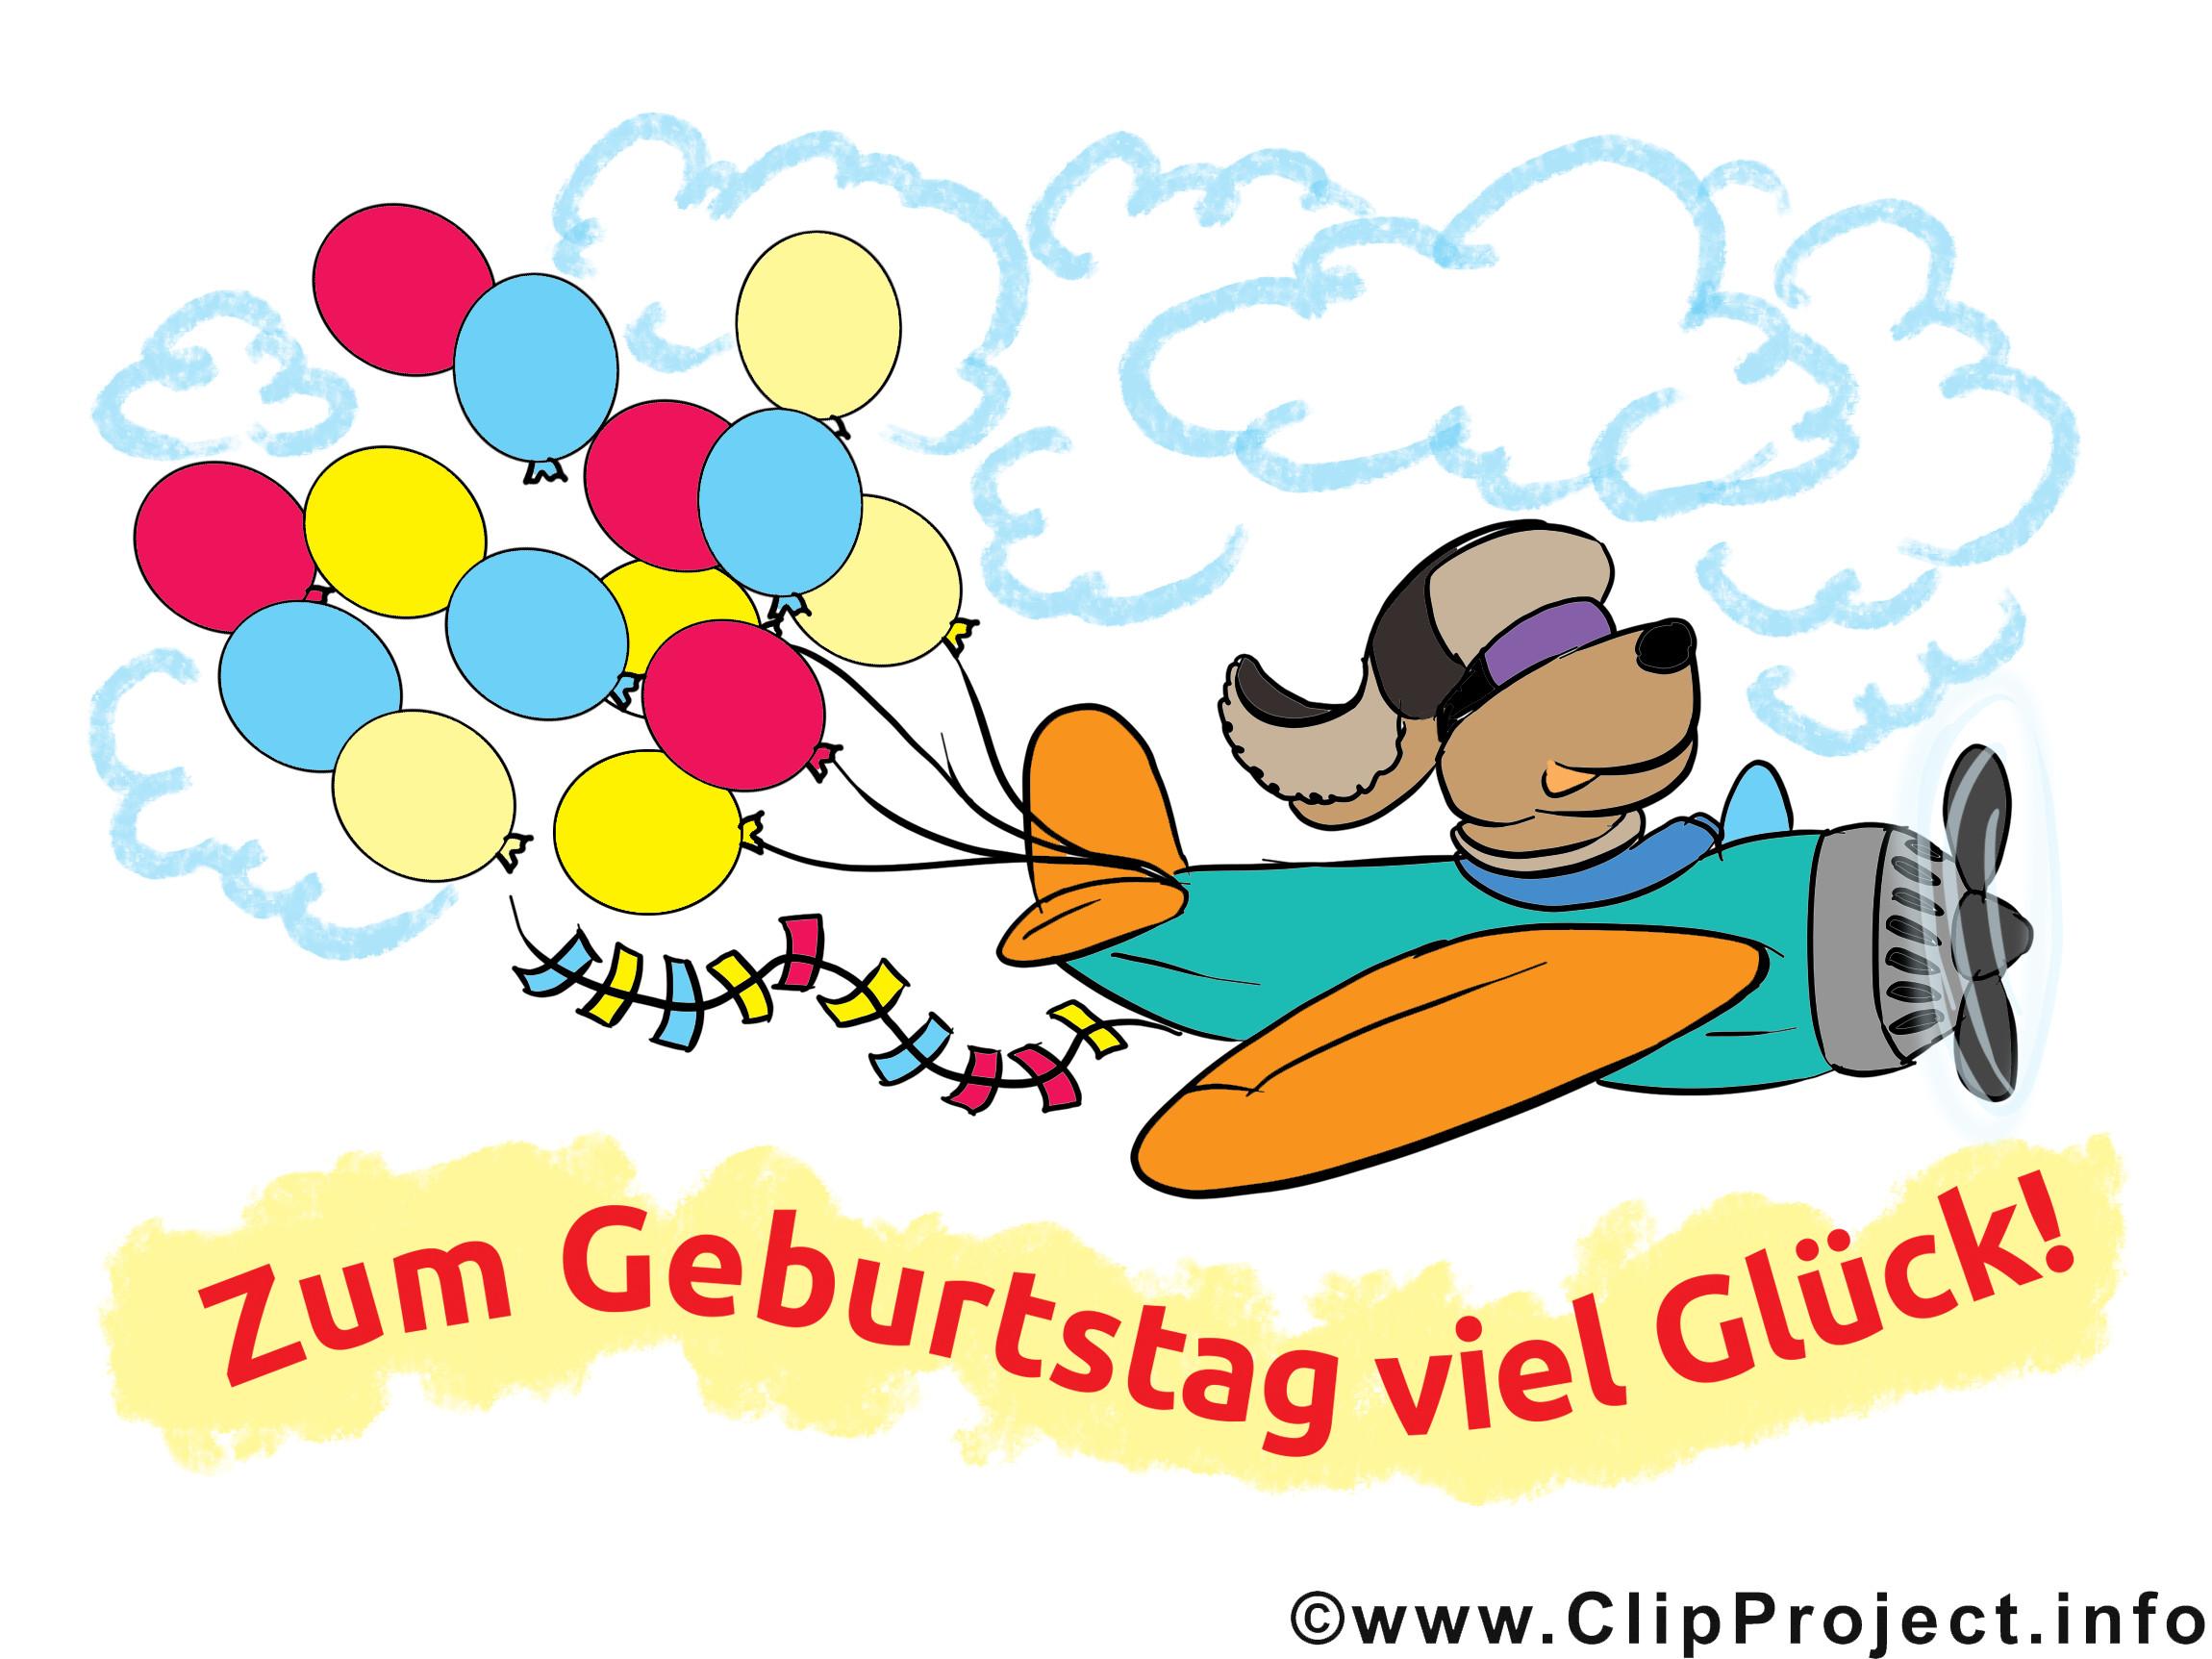 Lustige Geburtstagswünsche  Lustige Geburtstagswünsche als Cliparts Karten Bilder